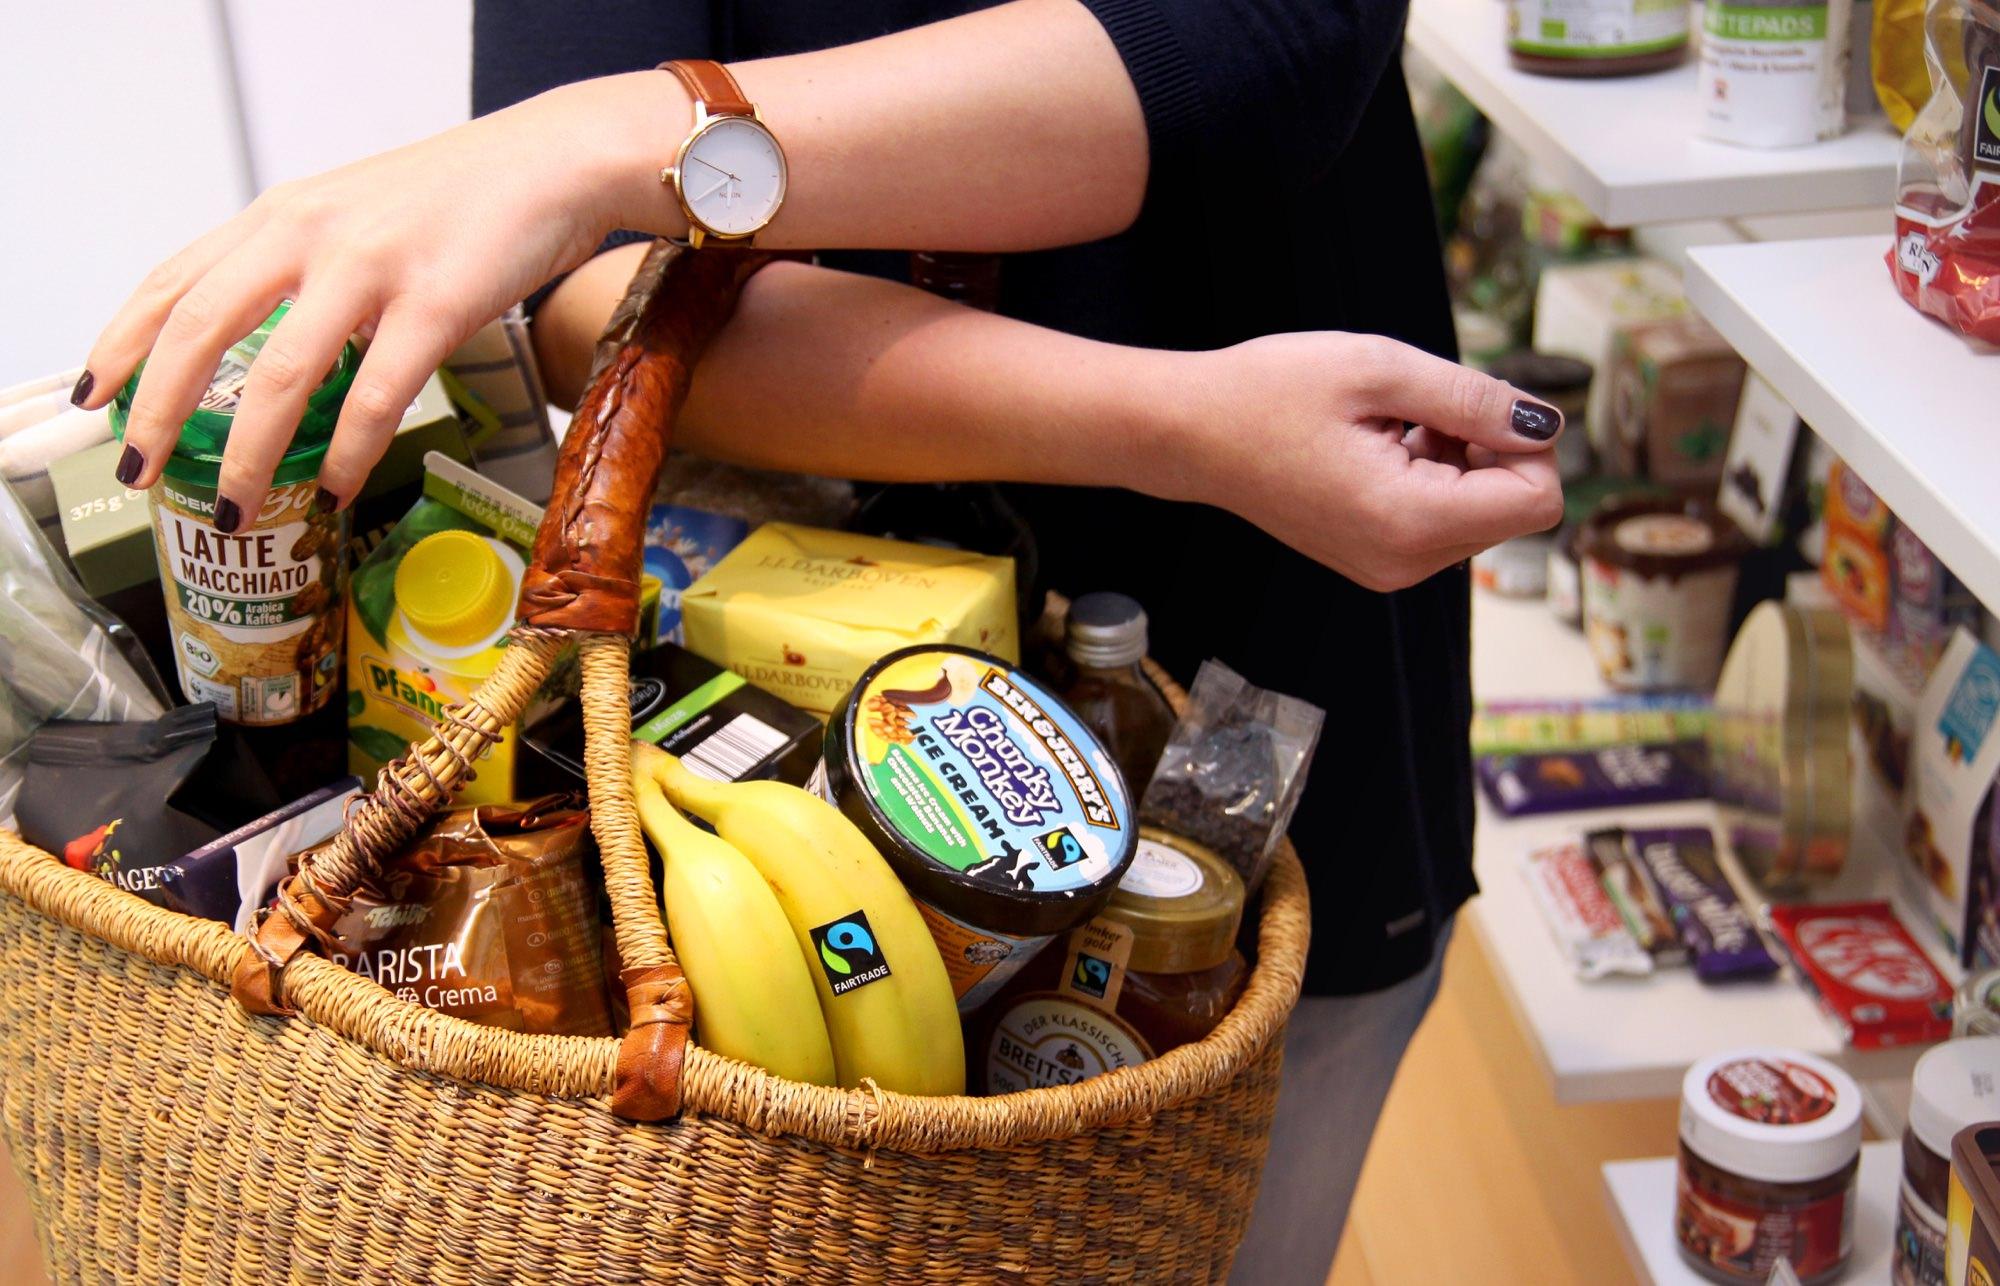 Fairtrade - Produkte - Foto: TransFair e.V. / Fotograf: Miriam Ersch